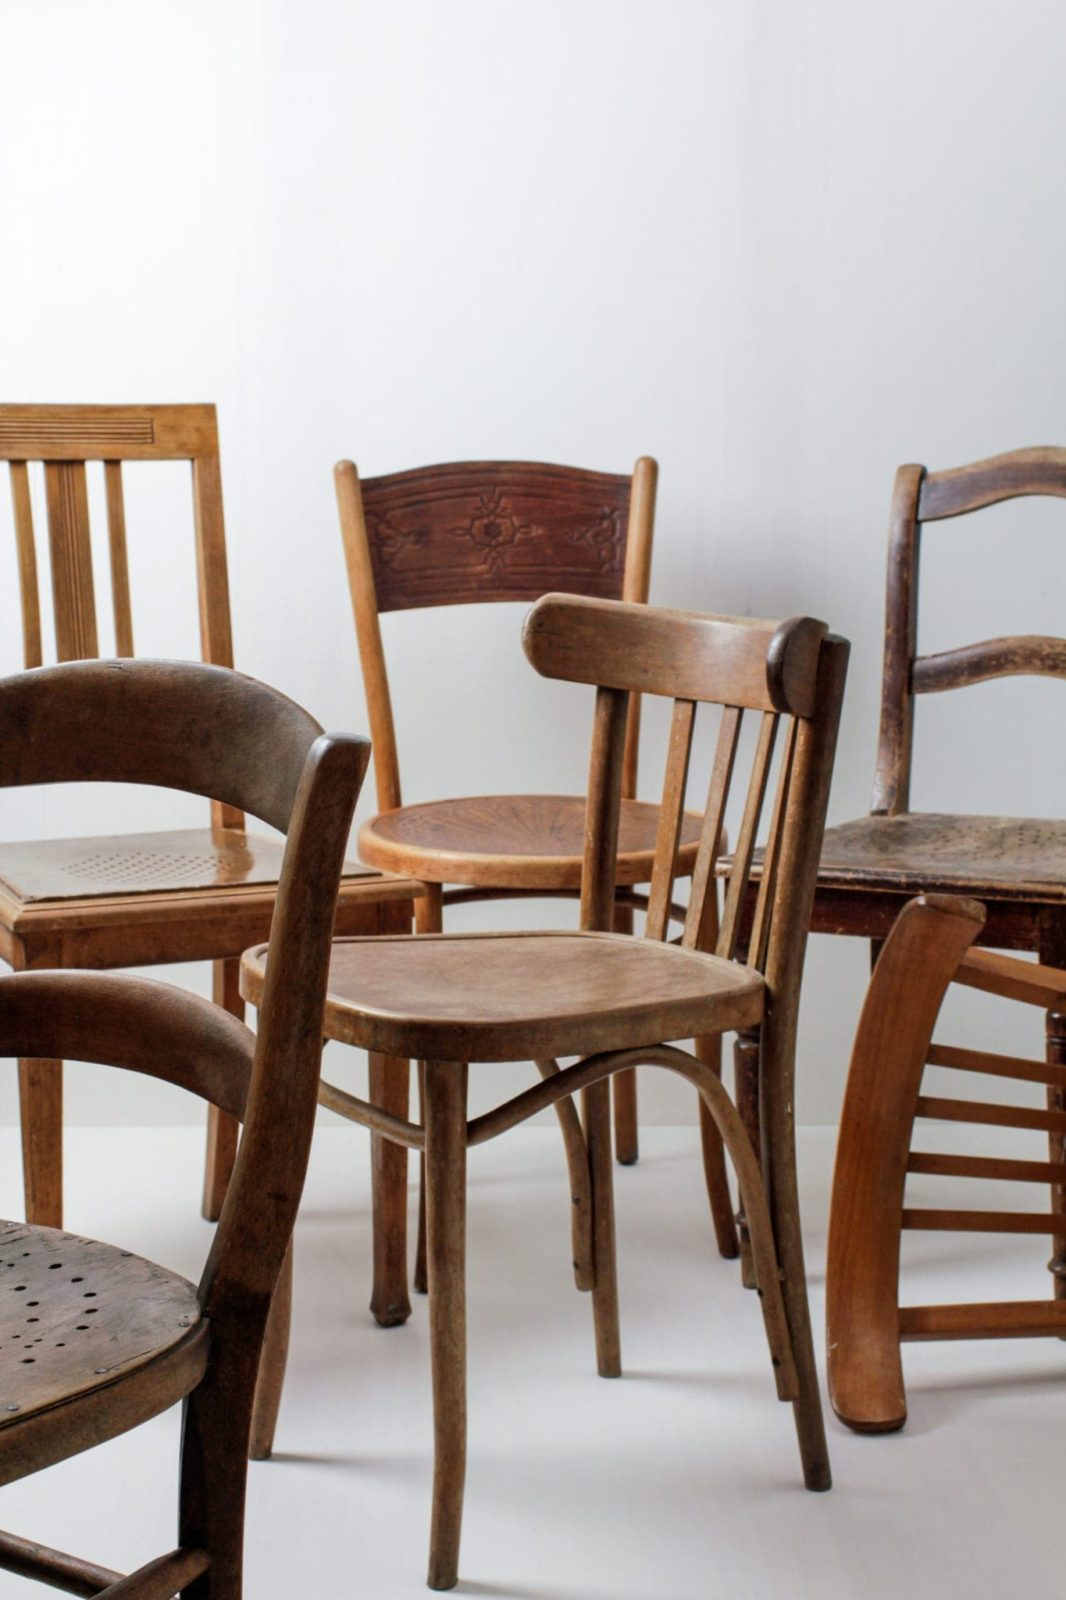 Holzstühle Carlos Vintage - Braun Mismatching | Diese vintage mismatching Holzstühle verschönern jede Tafel. Durch die individuellen Formen und Designs, die unterschiedlichen Brauntöne und Patina ergibt sich ein einmaliges aber stimmiges Bild auf deinem Fest, der Hochzeit oder auch Event.Bis zu 400 Stühle sind zu mieten, somit lässt sich eine lange Tafel oder eine Präsentation ohne Stuhlverbinder wunderschön gestalten. | gotvintage Rental & Event Design